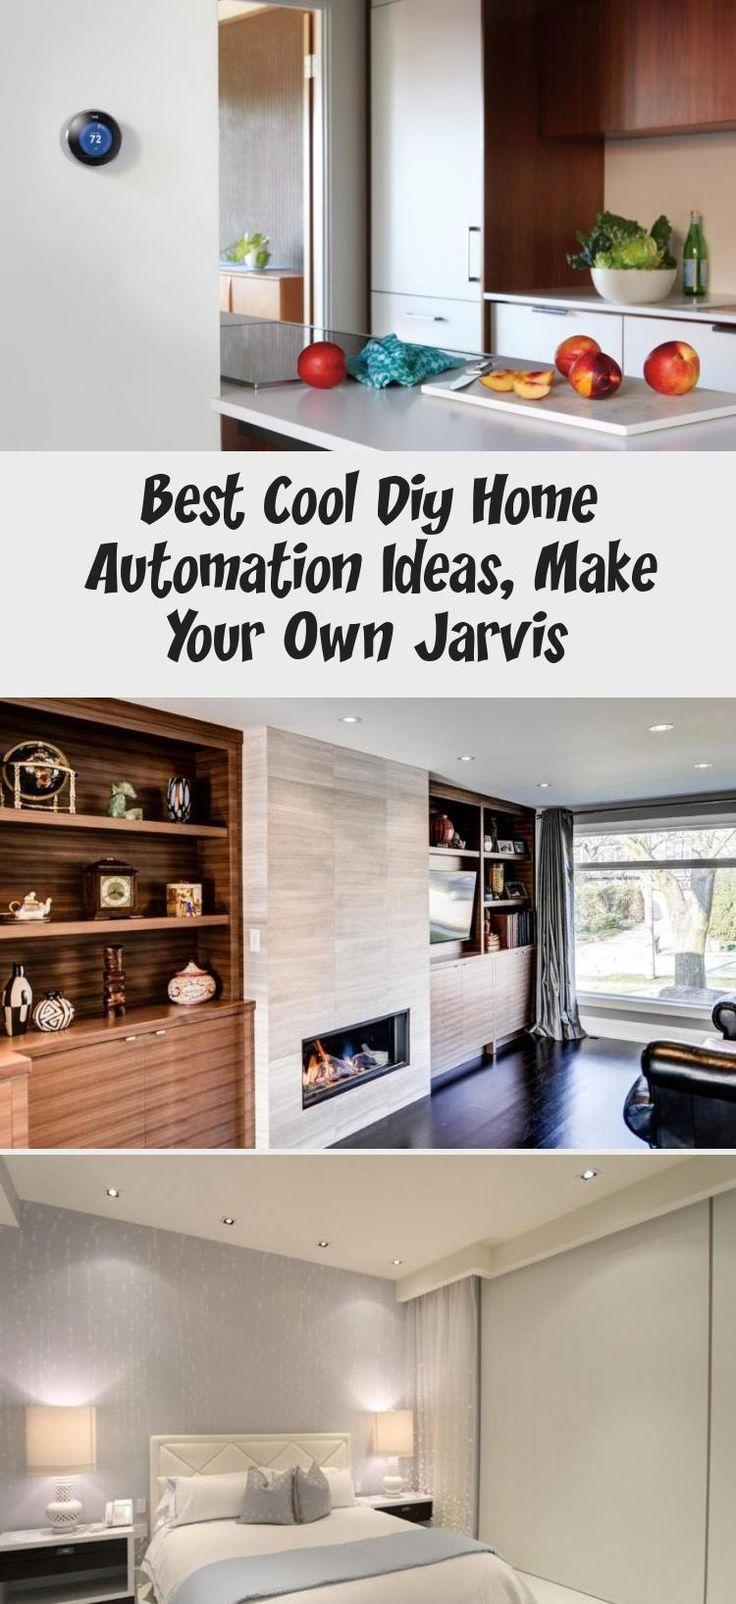 Beste Ideen für die Heimautomation von Diy, machen Sie Ihr eigenes Jarvis   – Tango